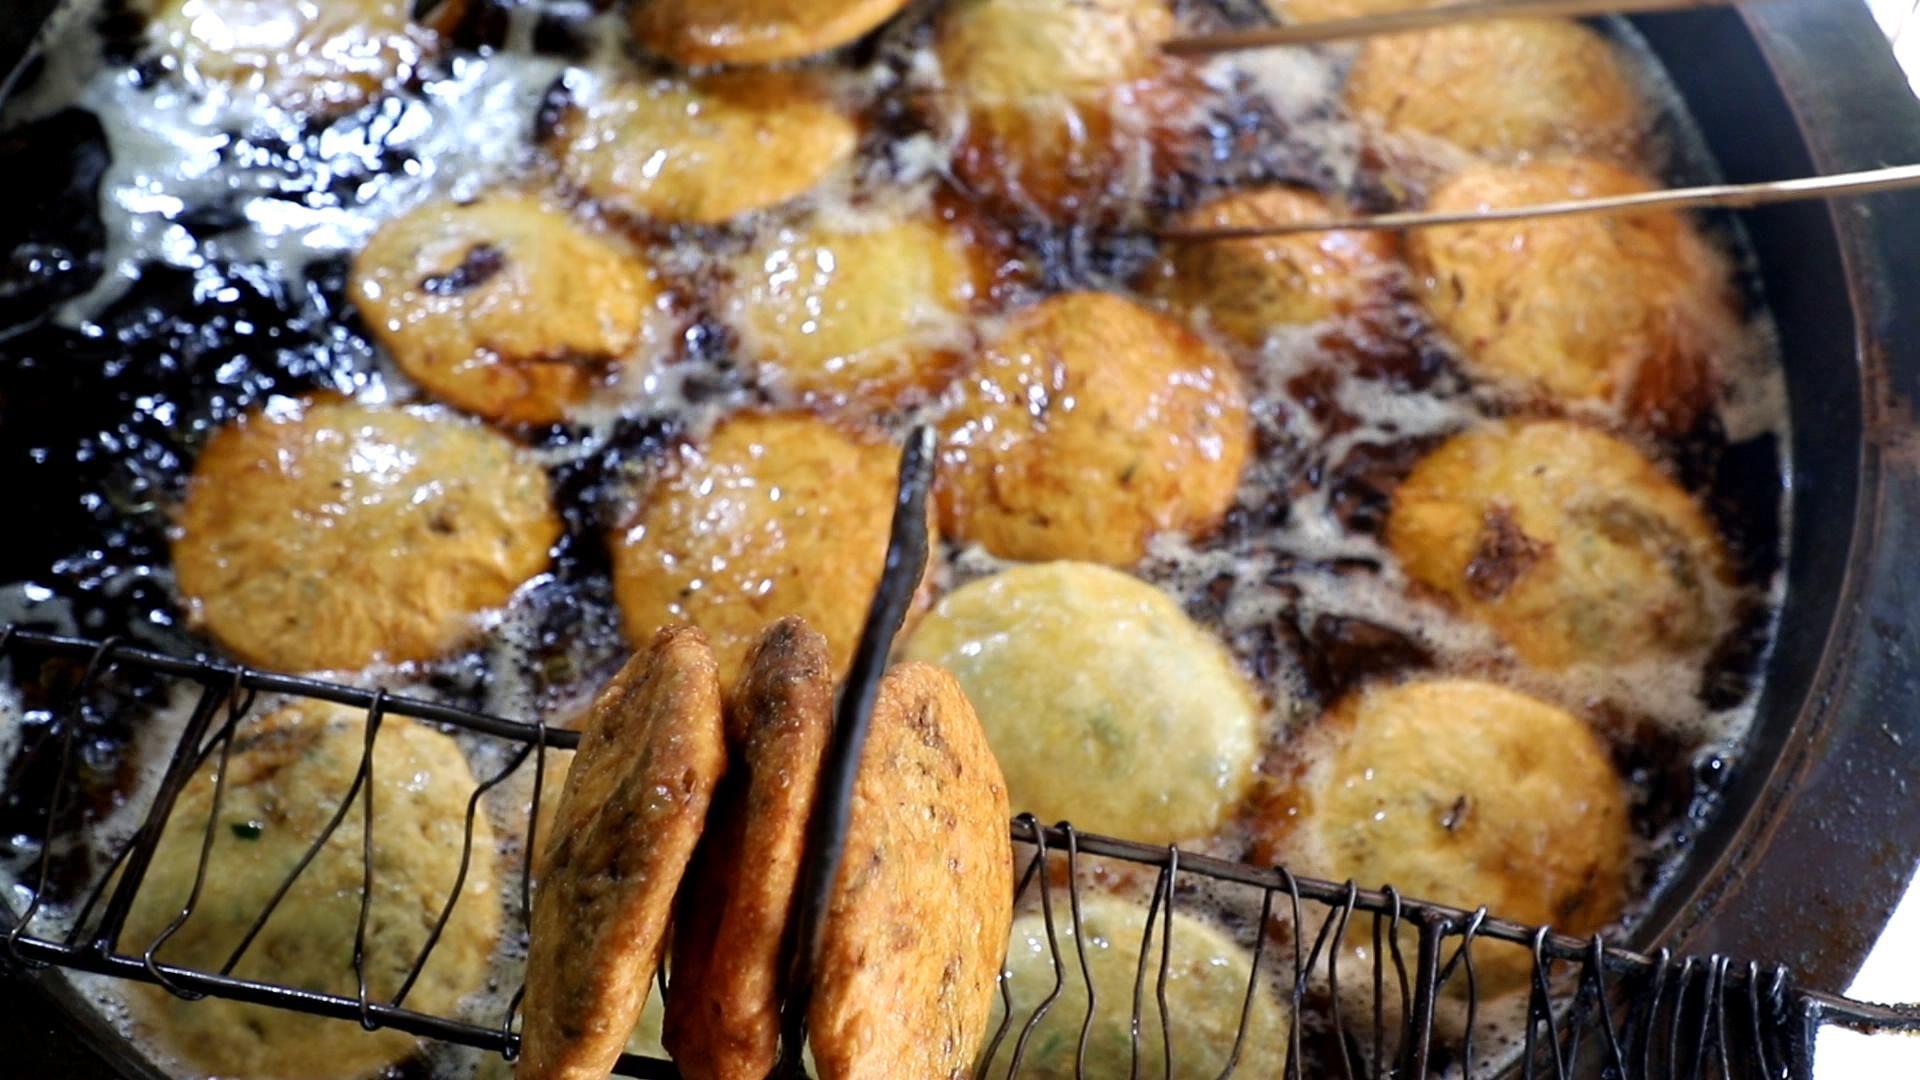 更澳门威尼人在线丨难以抗拒的美味,它是澳门威尼人在线人最爱的早点之一